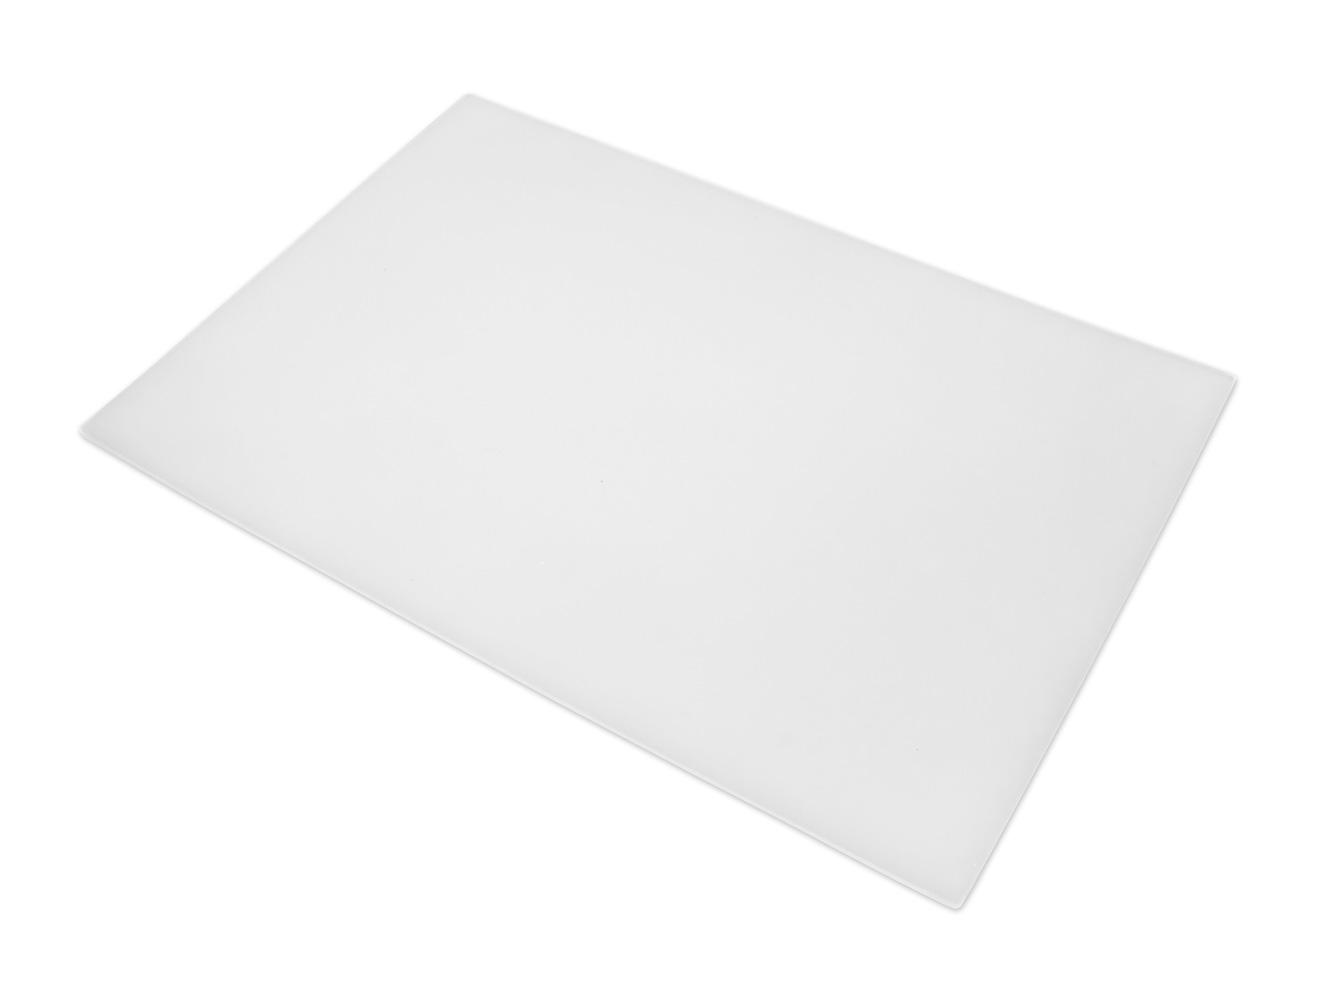 Tepluodolná silikonová podložka pro servisní práce 34x22cm